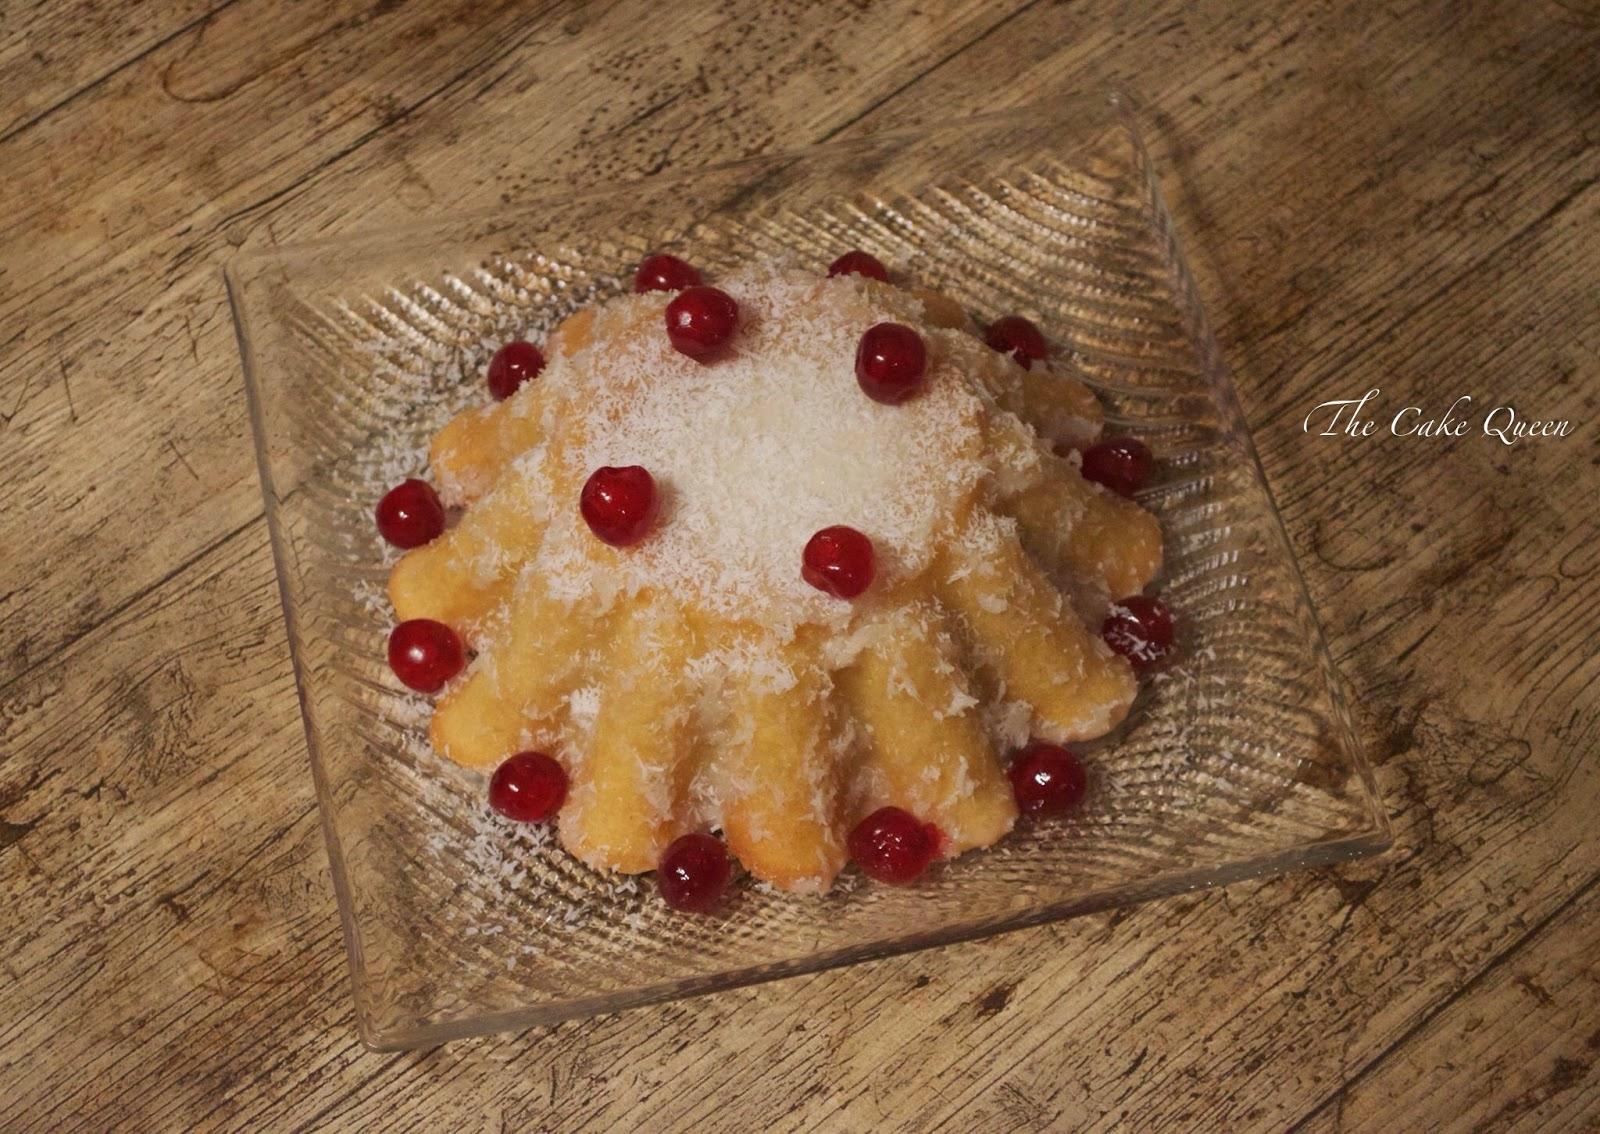 Pastel Atrapa Marido, si le pones cereza en el tope de esta tarta quedará muy bella la presentación del mismo